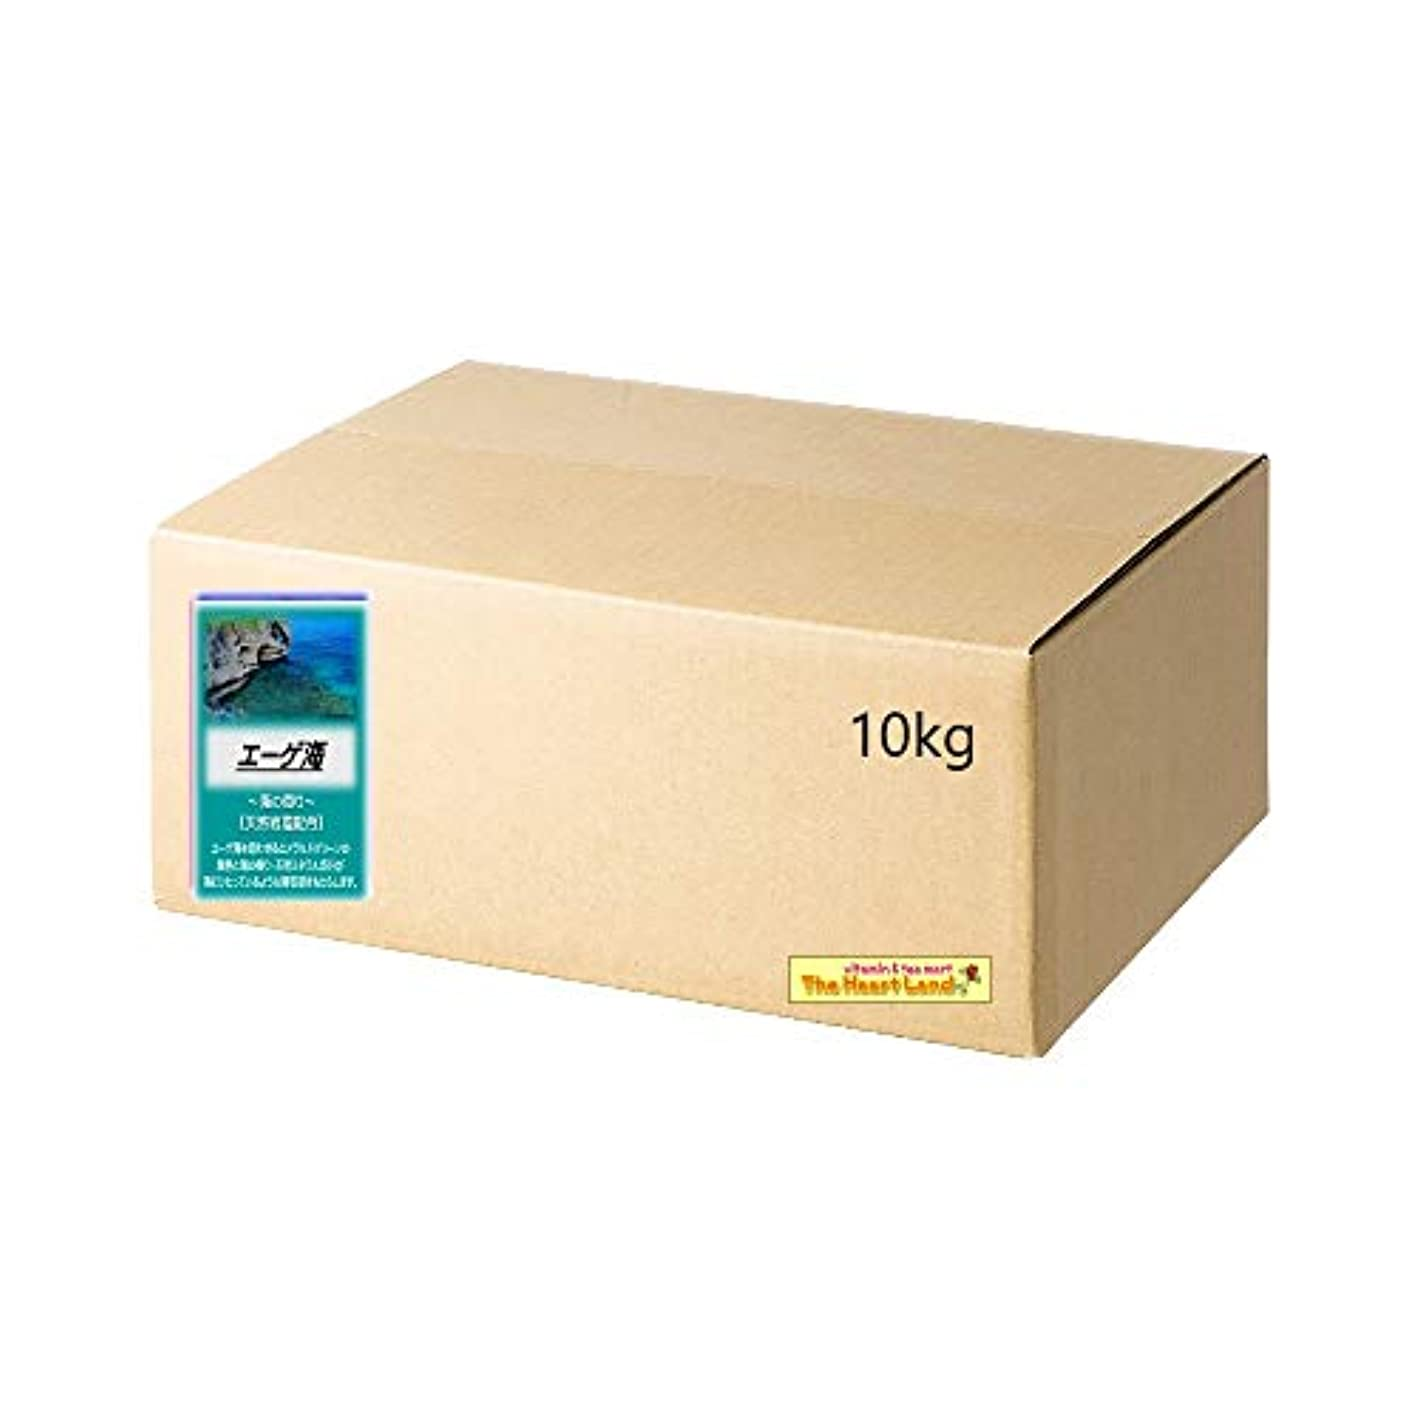 分離肌寒いパーフェルビッドアサヒ入浴剤 浴用入浴化粧品 エーゲ海 10kg